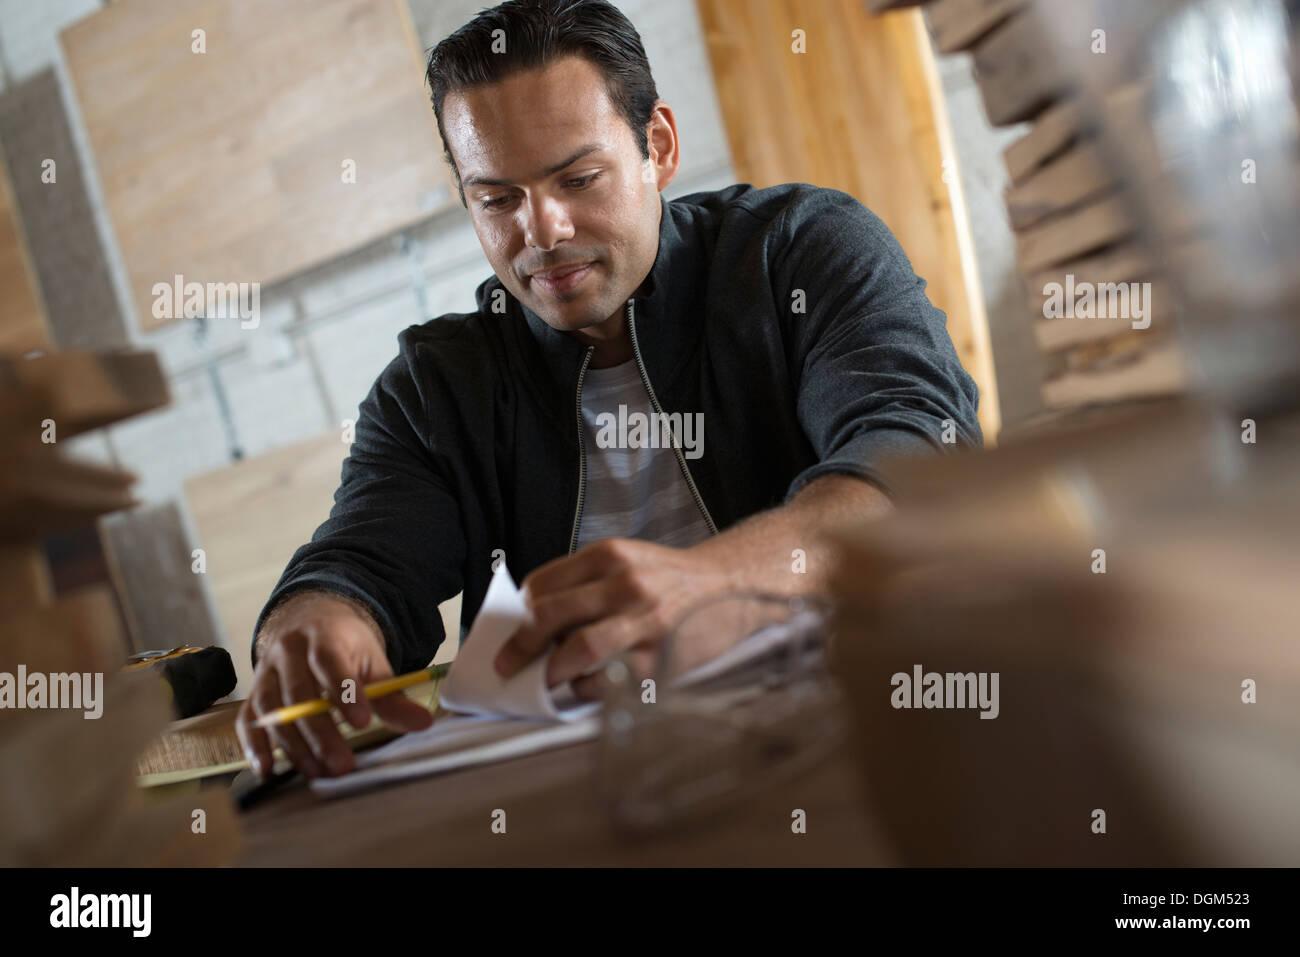 Un giovane uomo in un workshop usando carta e penna per conservare i record. Immagini Stock